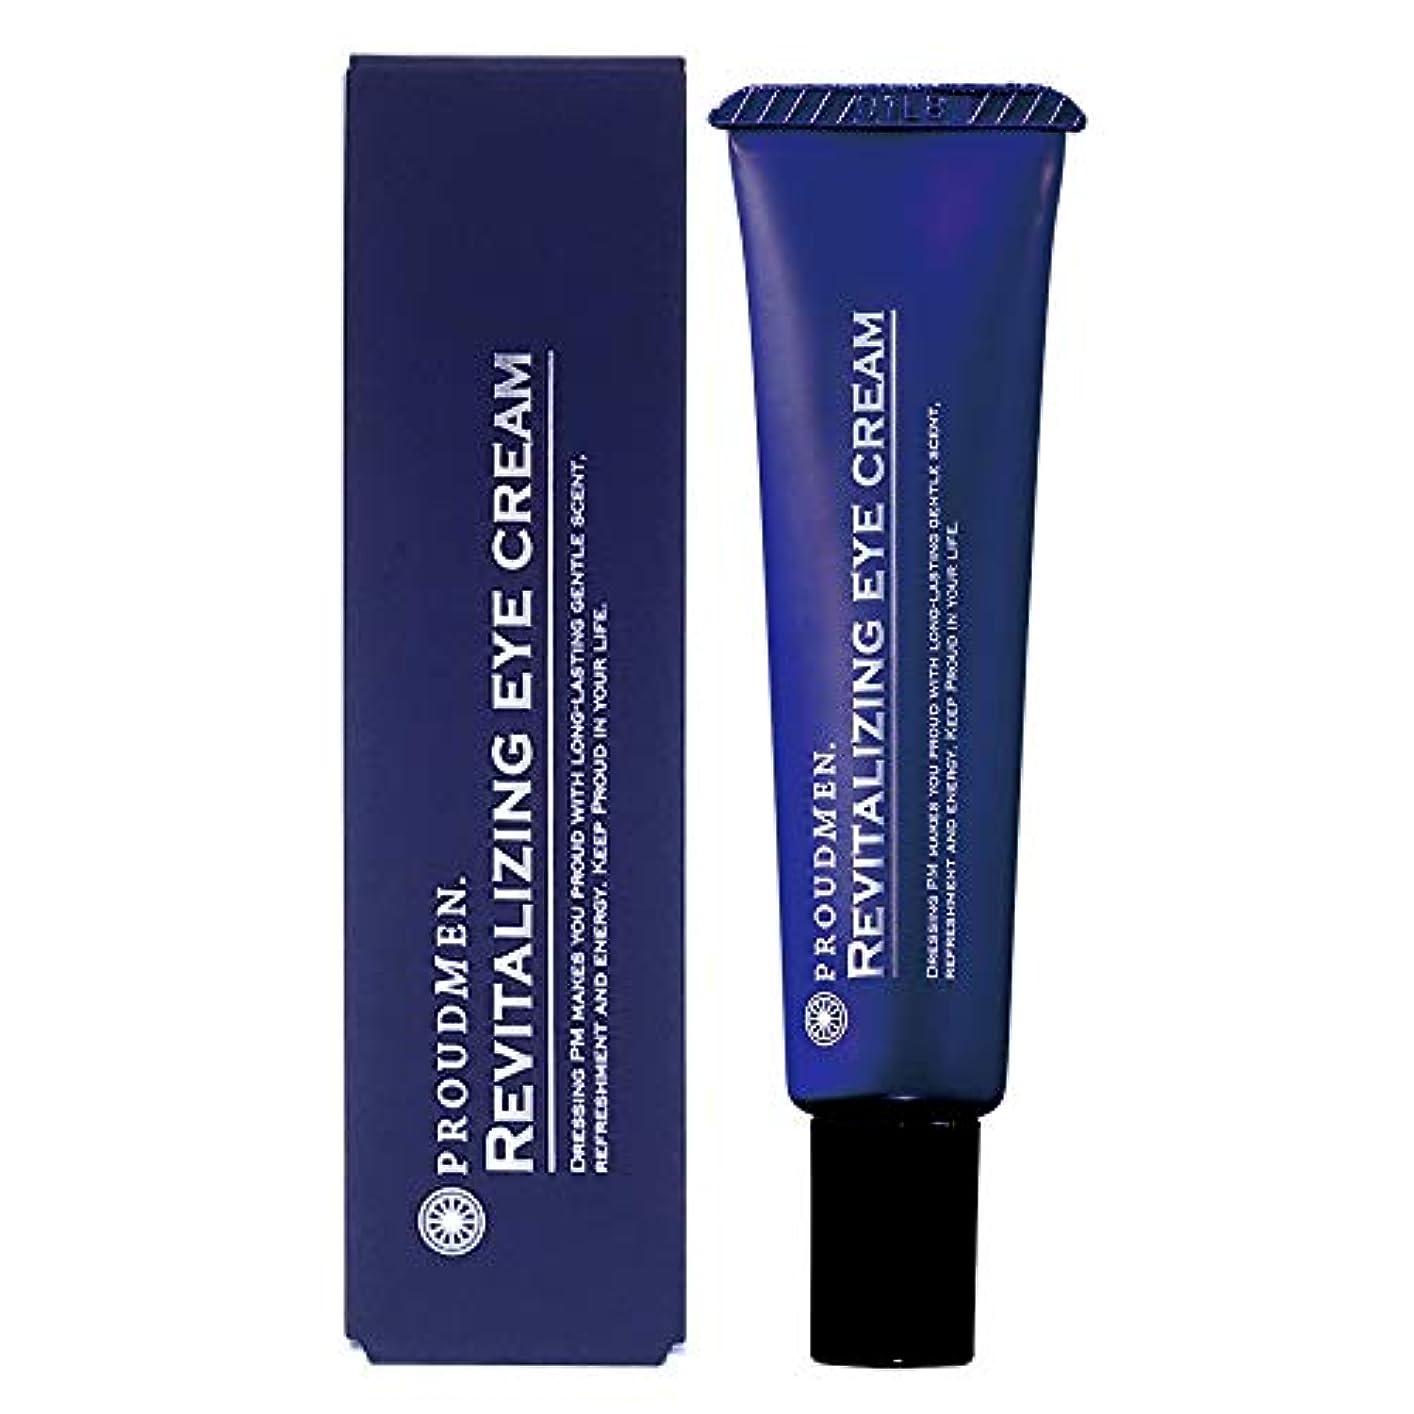 排泄するポットおプラウドメン リバイタライジングアイクリーム 12g (グルーミング?シトラスの香り) 目元クリーム メンズコスメ 男性用化粧品